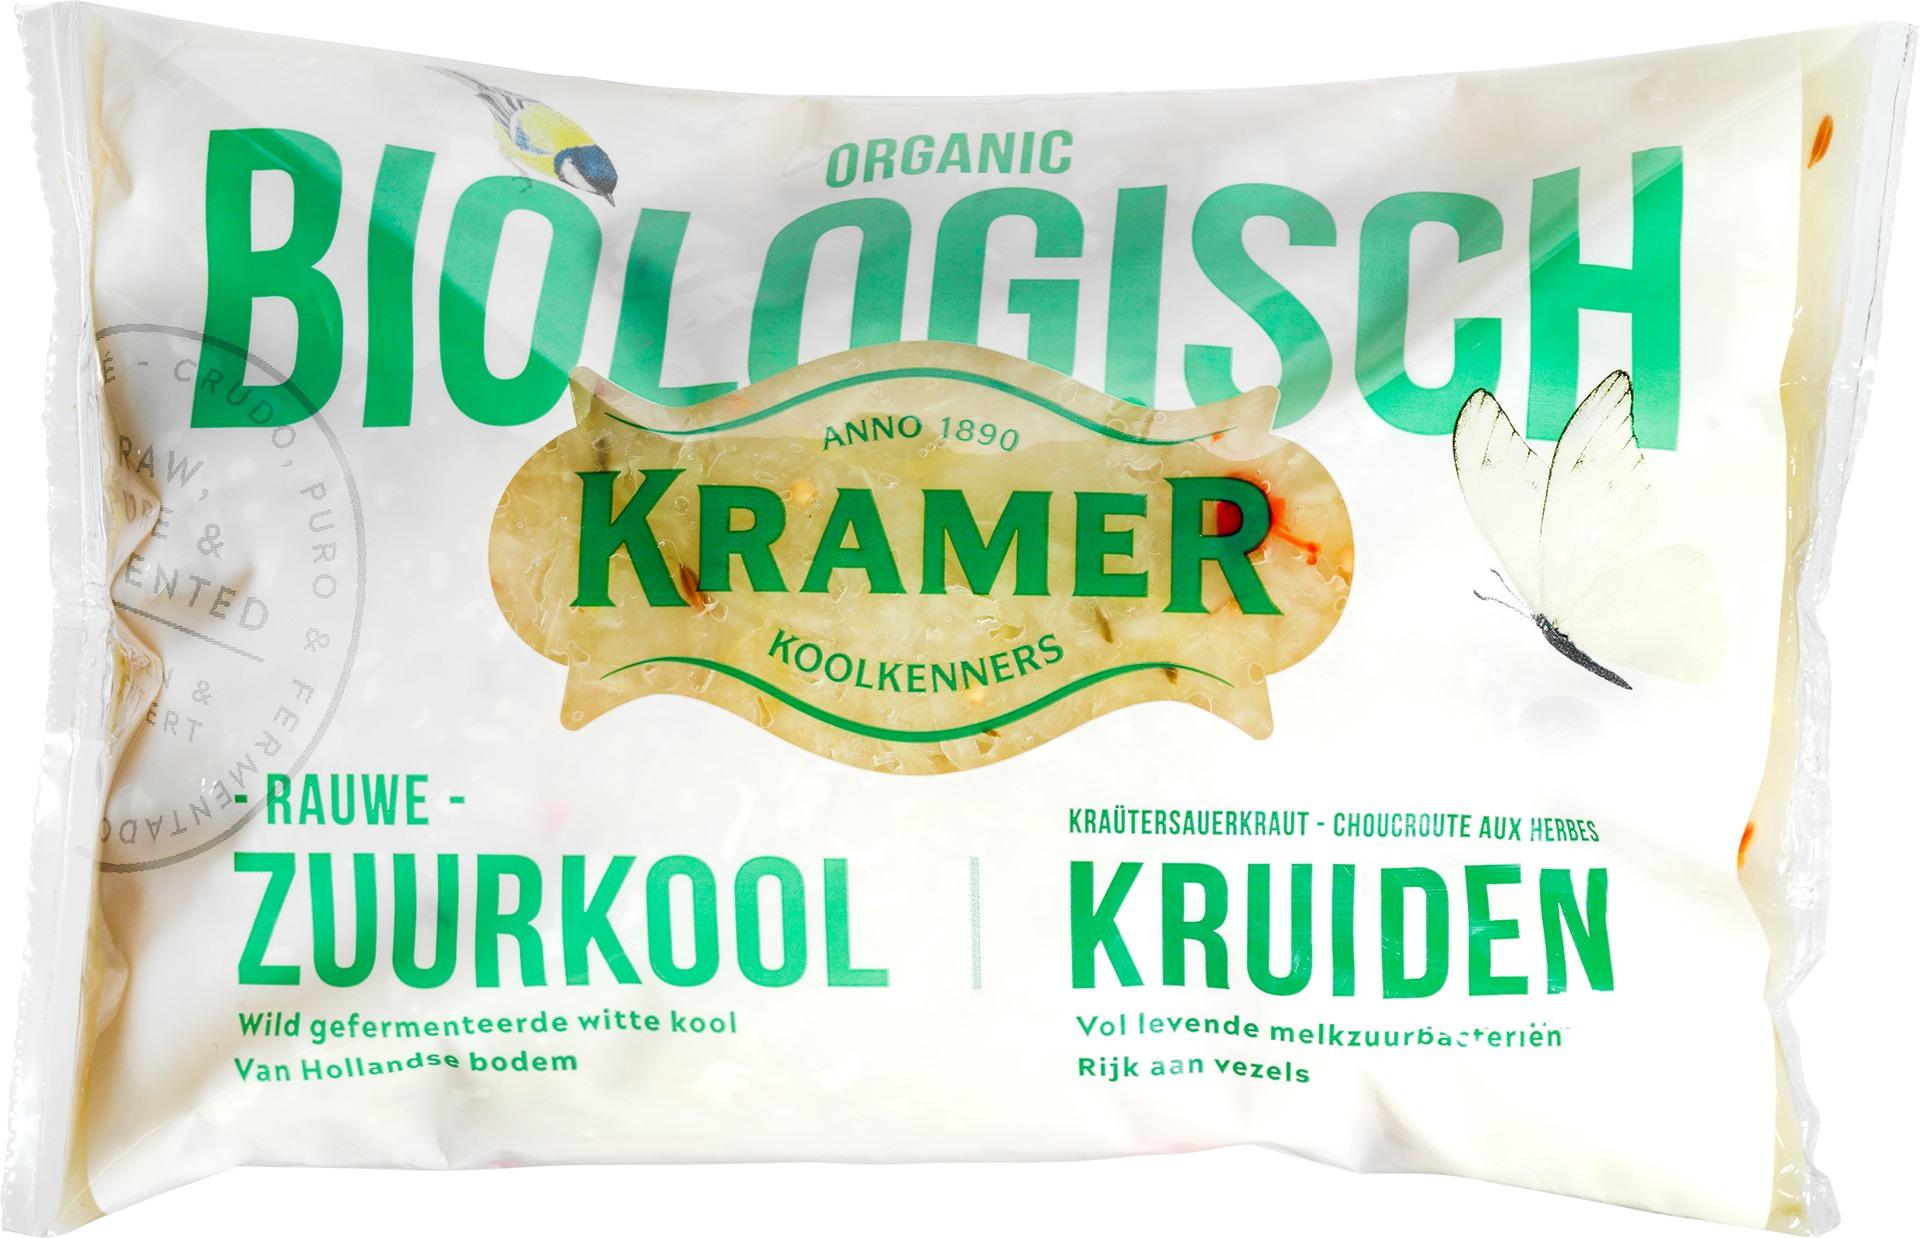 Biologische Kramer Zuurkool gekruid 500 gr